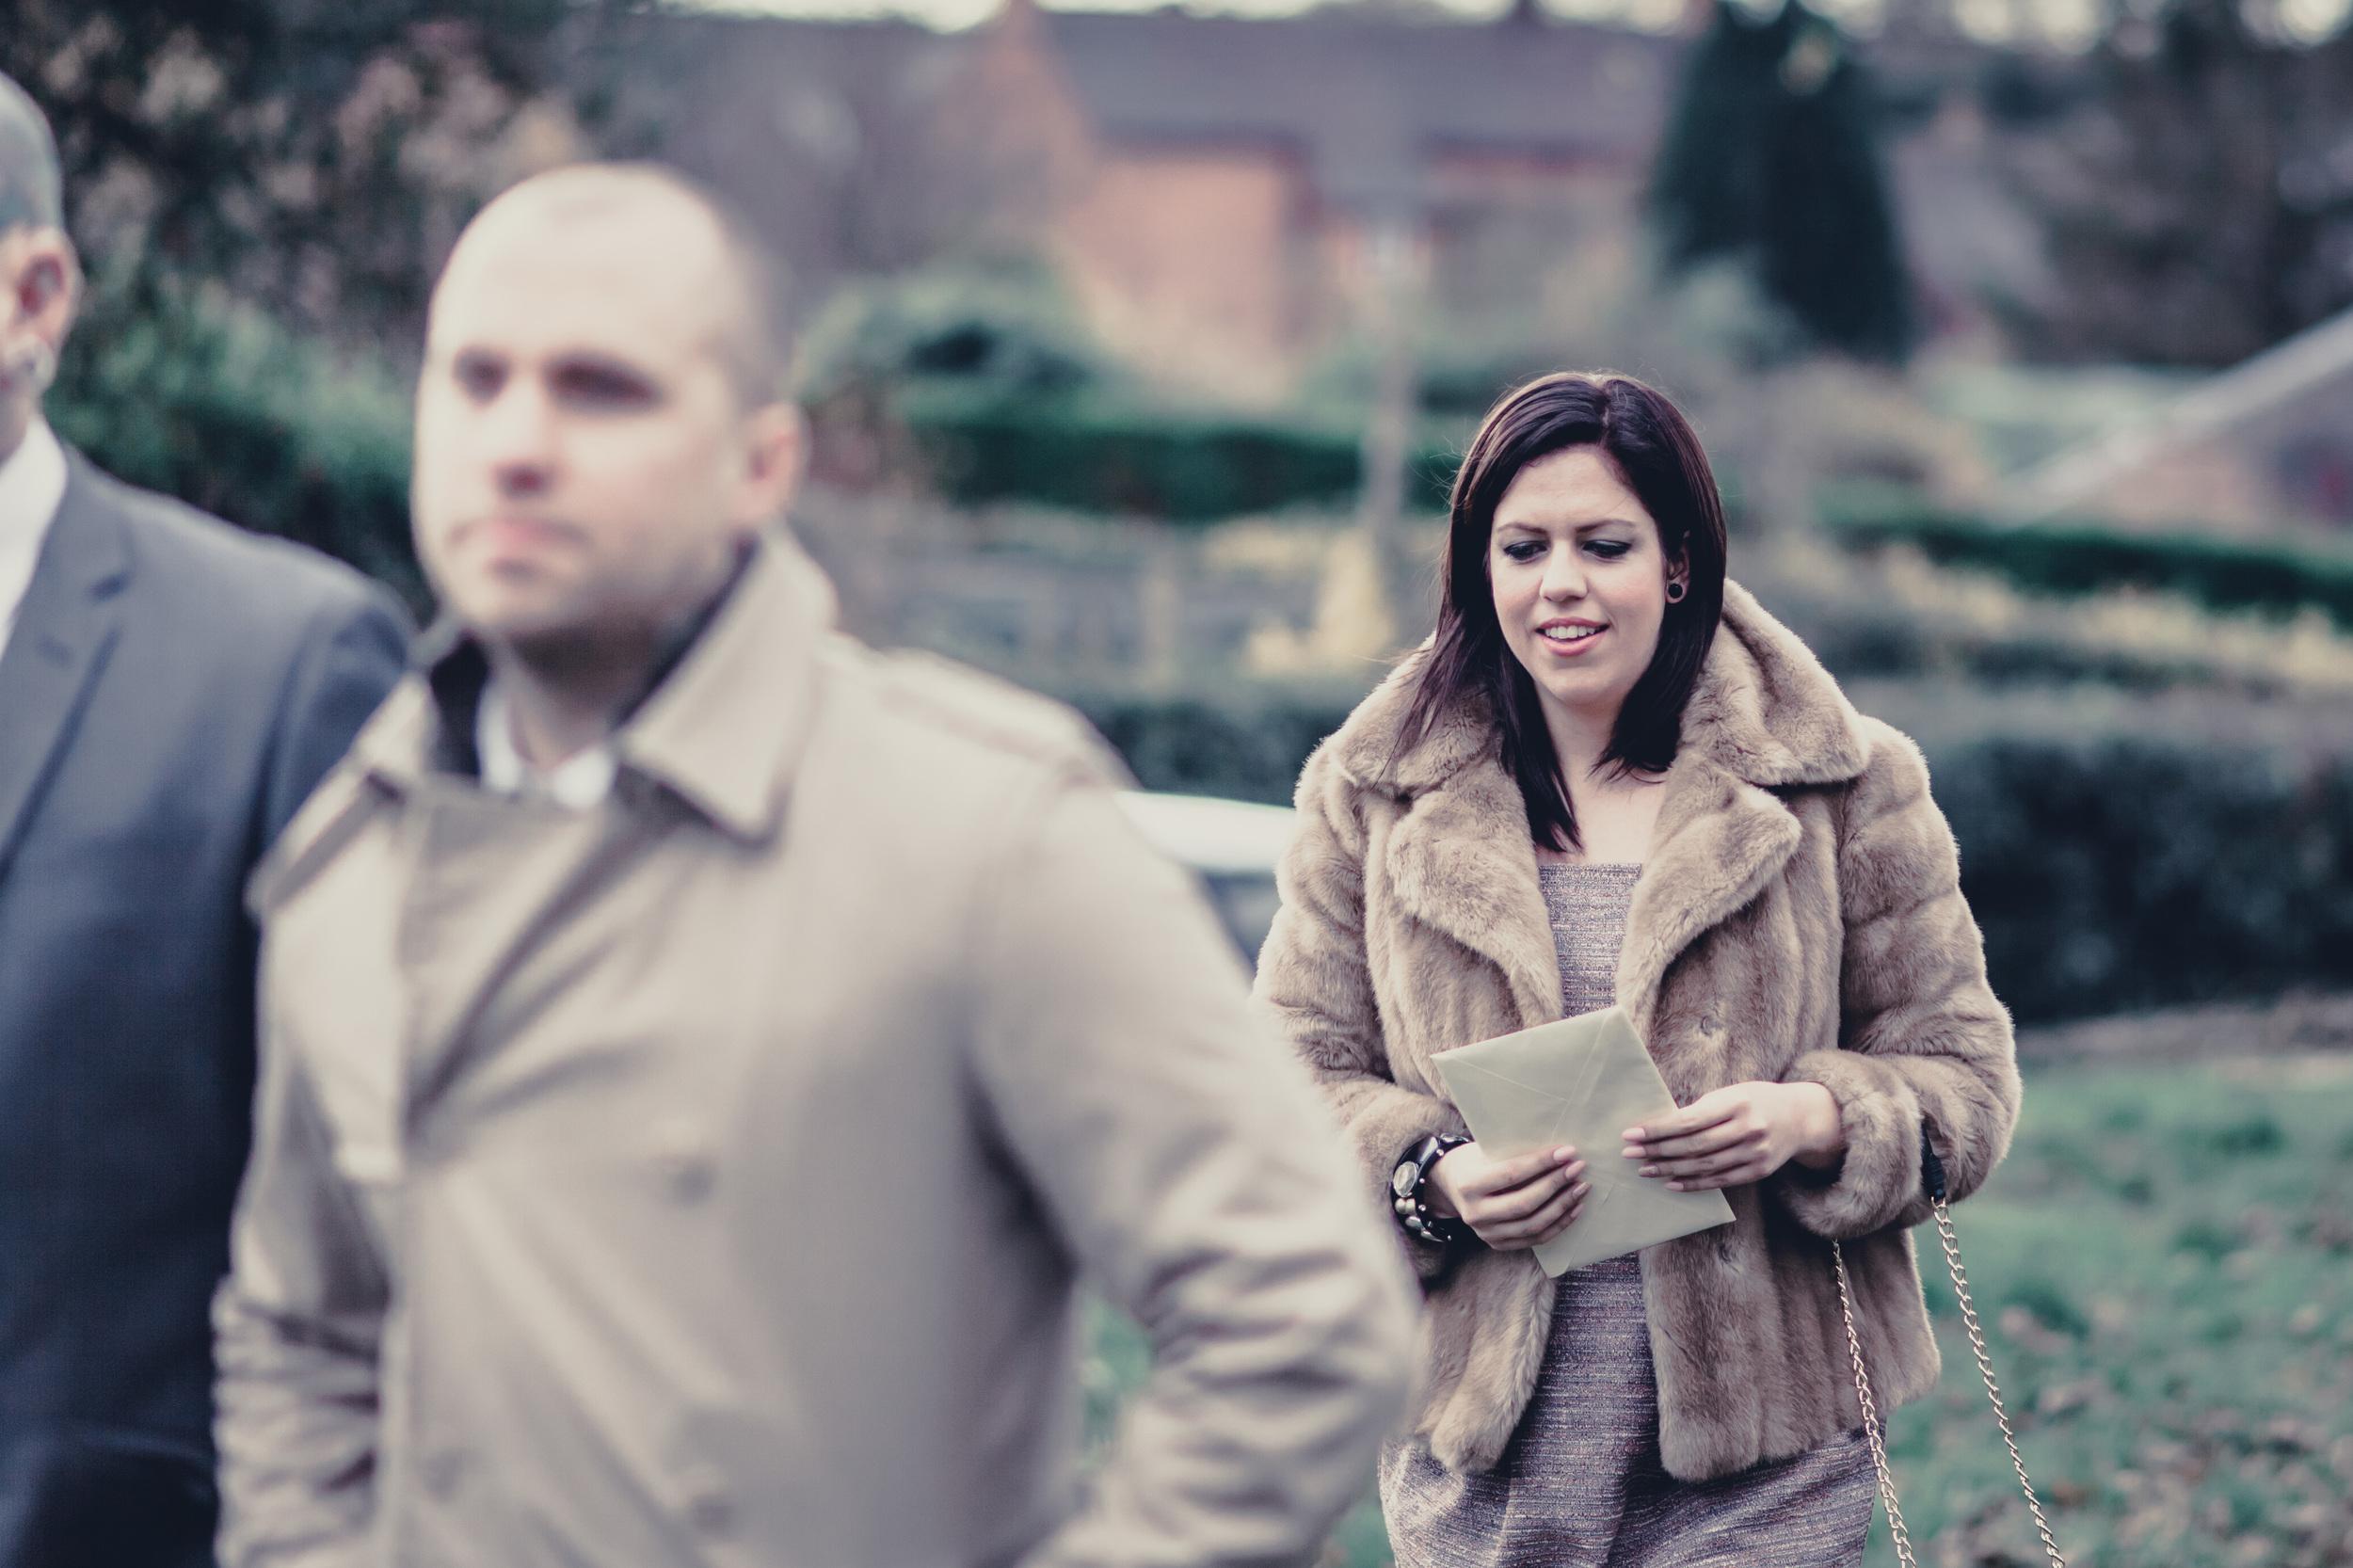 026 - Angela and Karls Wedding by www.markpugh.com -5725.jpg